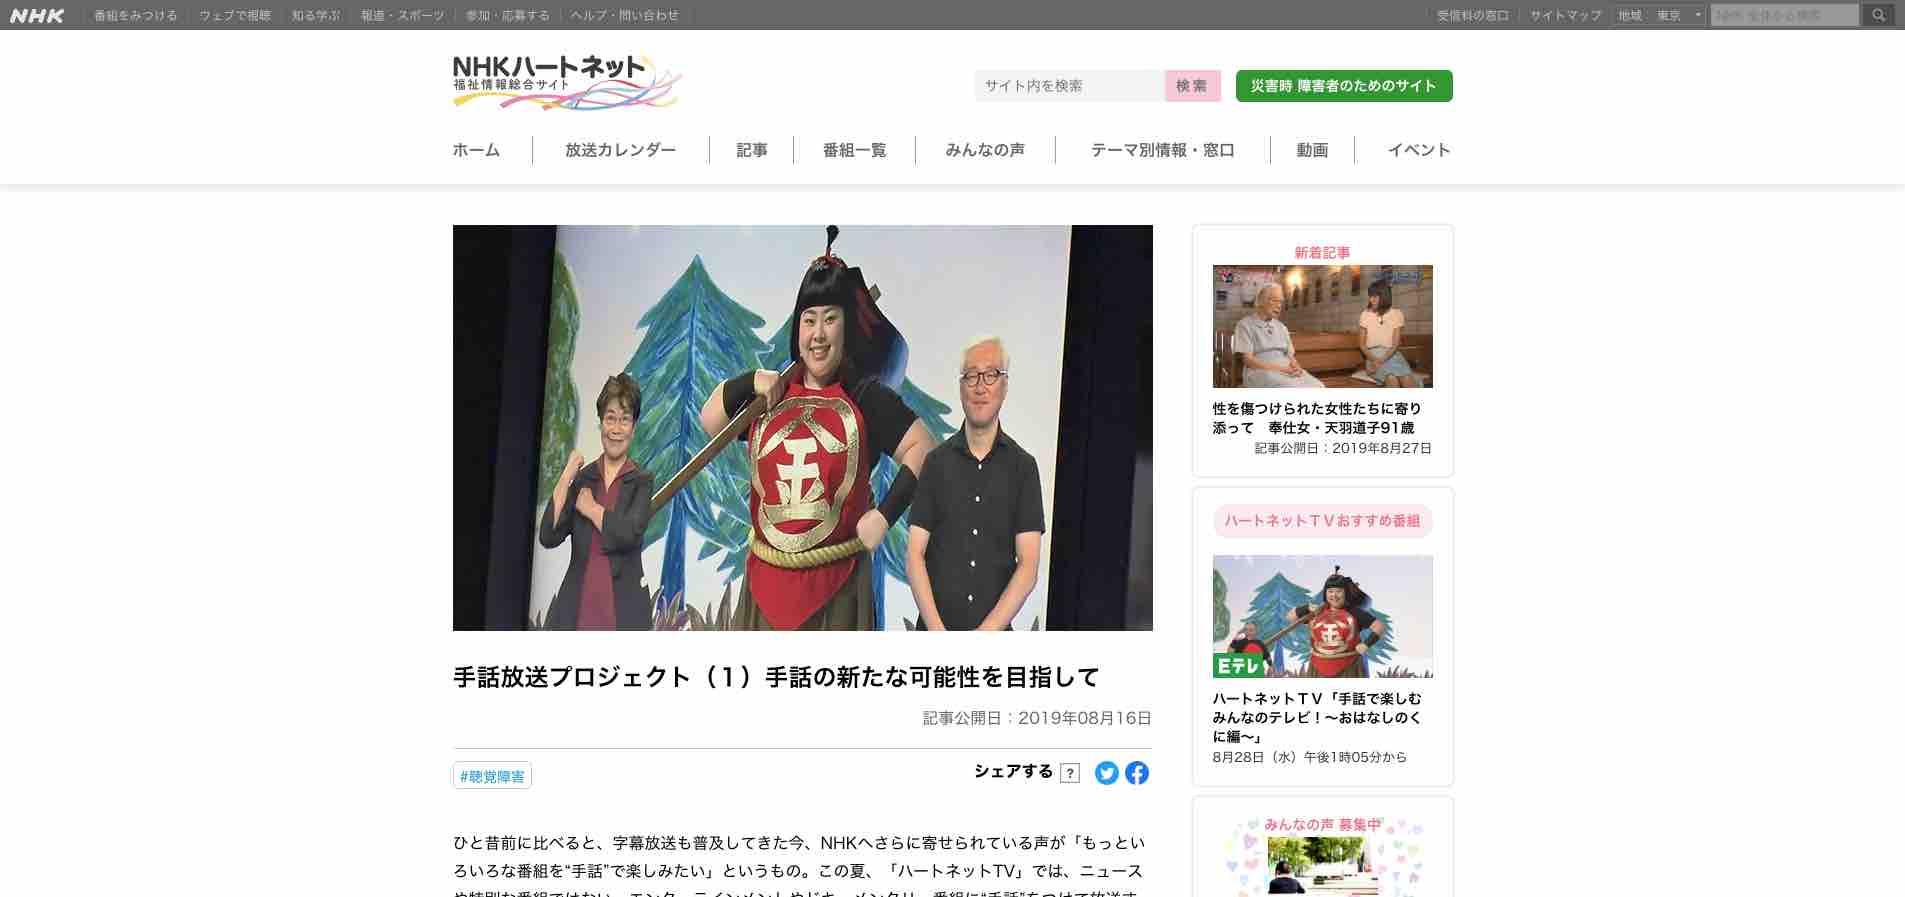 【紹介】NHKハートネットTVで手話で楽しめる番組が放送されました